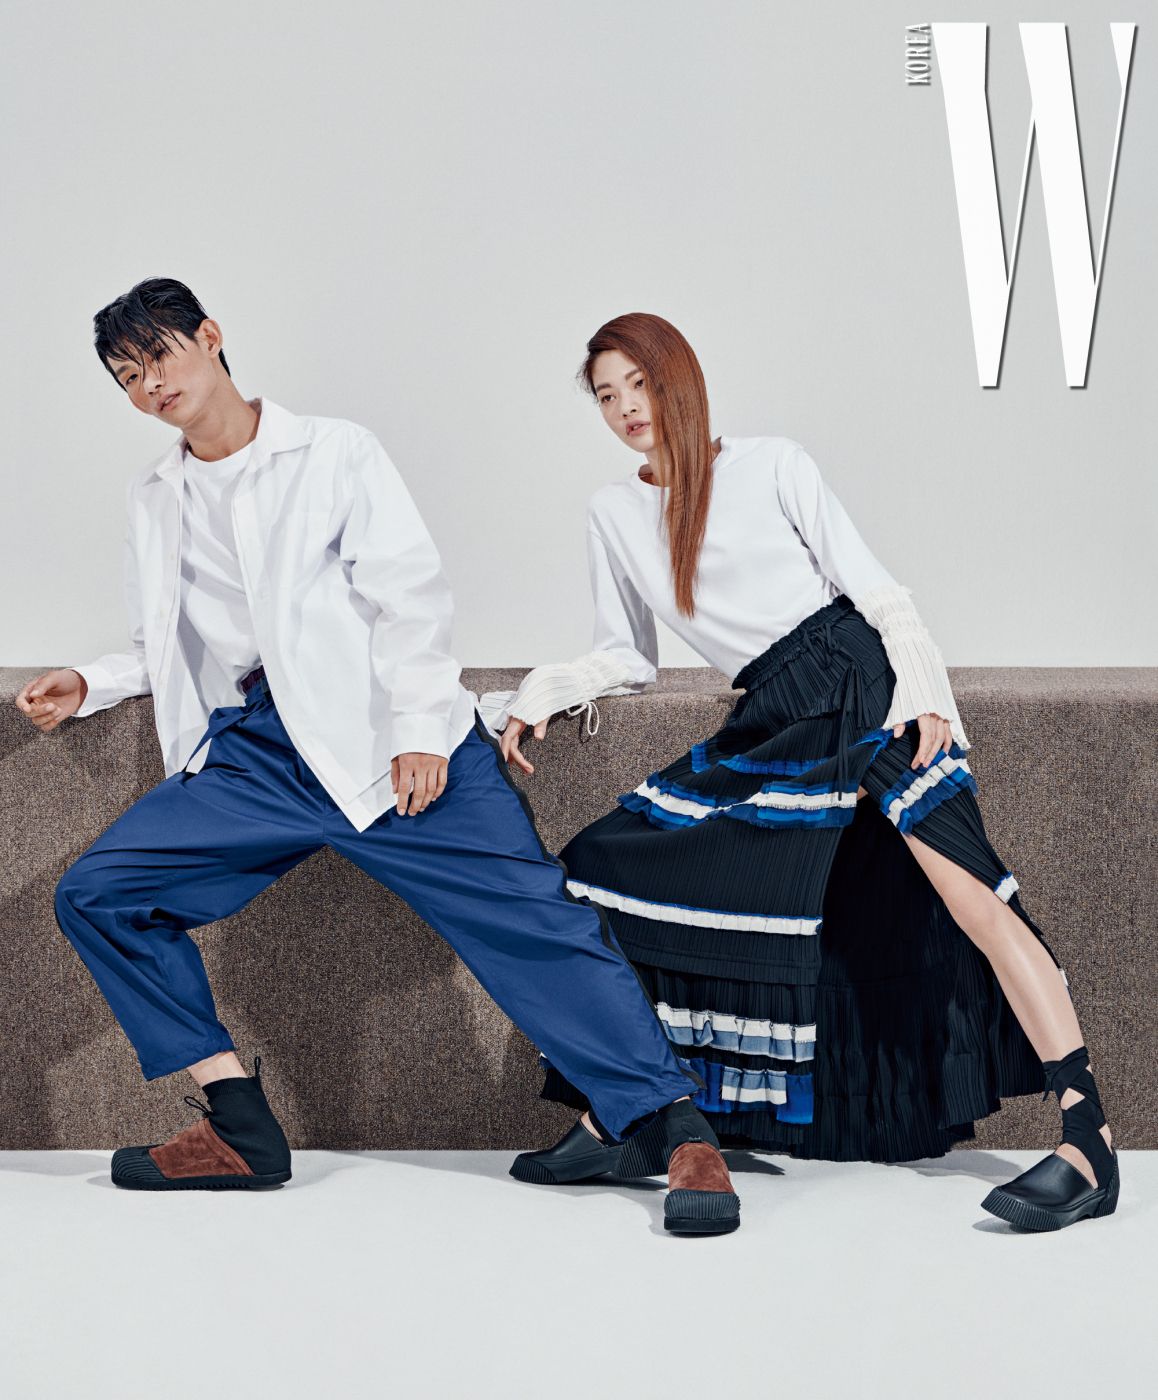 박형섭이 입은 흰색 레이어드 셔츠와 티셔츠, 더블 트랙 팬츠, 슈즈는 모두 3.1 Phillip Lim 제품. 김아현이 입은 플리츠 장식 톱, 티어드주름 스커트, 슈즈는 모두 3.1 Phillip Lim 제품.